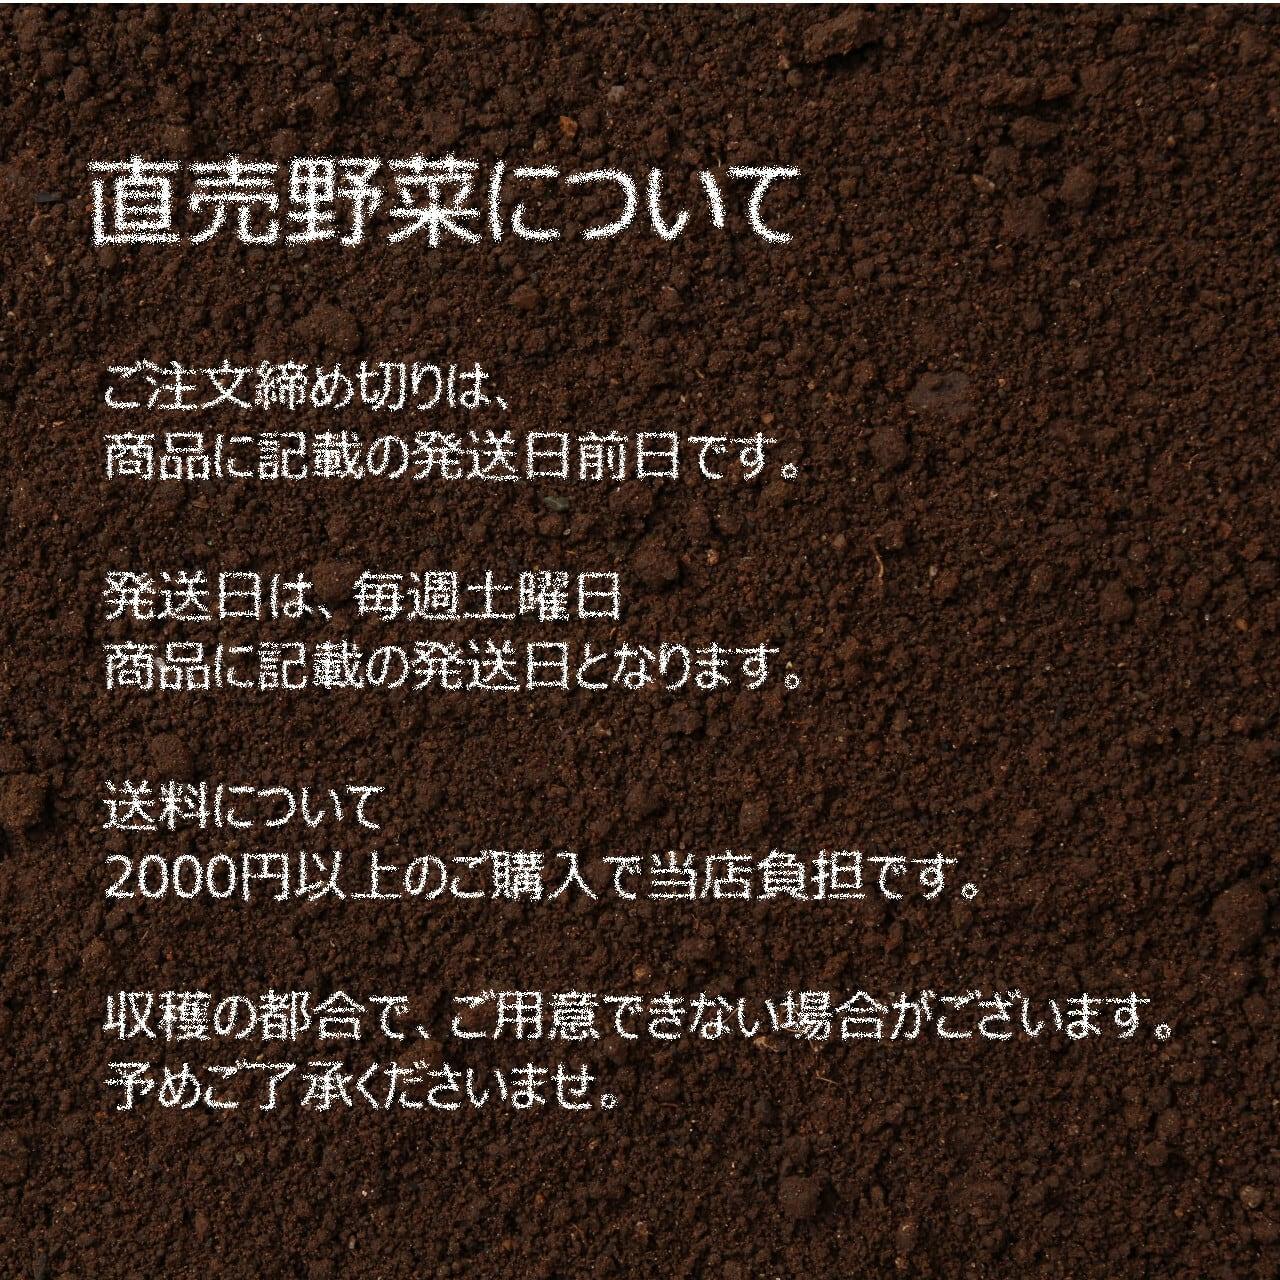 7月の新鮮な夏野菜 : ピーマン 約250g 朝採り直売野菜 7月10日発送予定